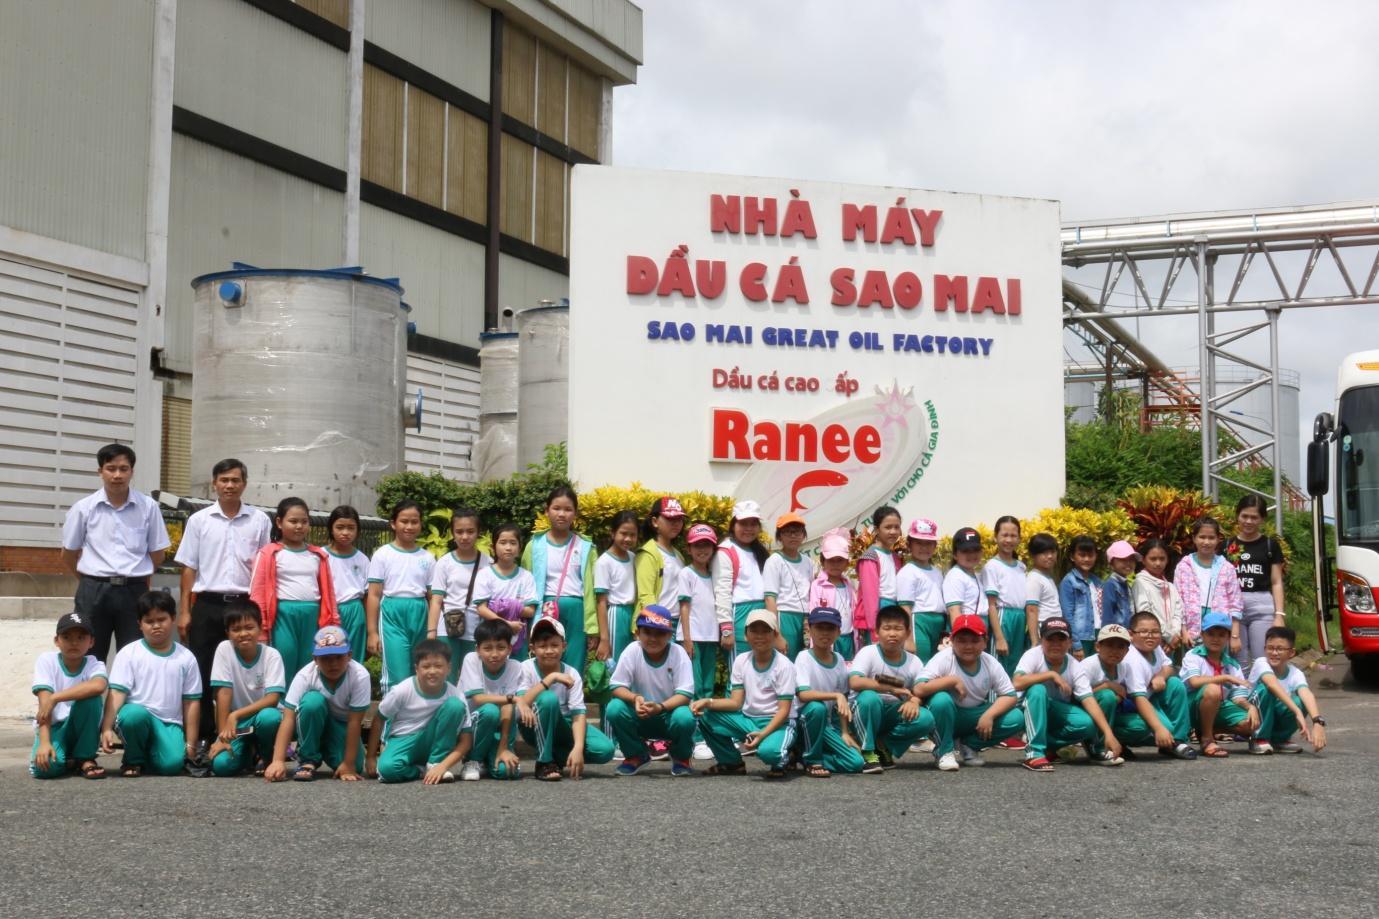 Description: 2.Khoảnh khắc kỷ niệm Ranee cùng các bạn học sinh Trường PTTH Sư phạm An Giang.JPG